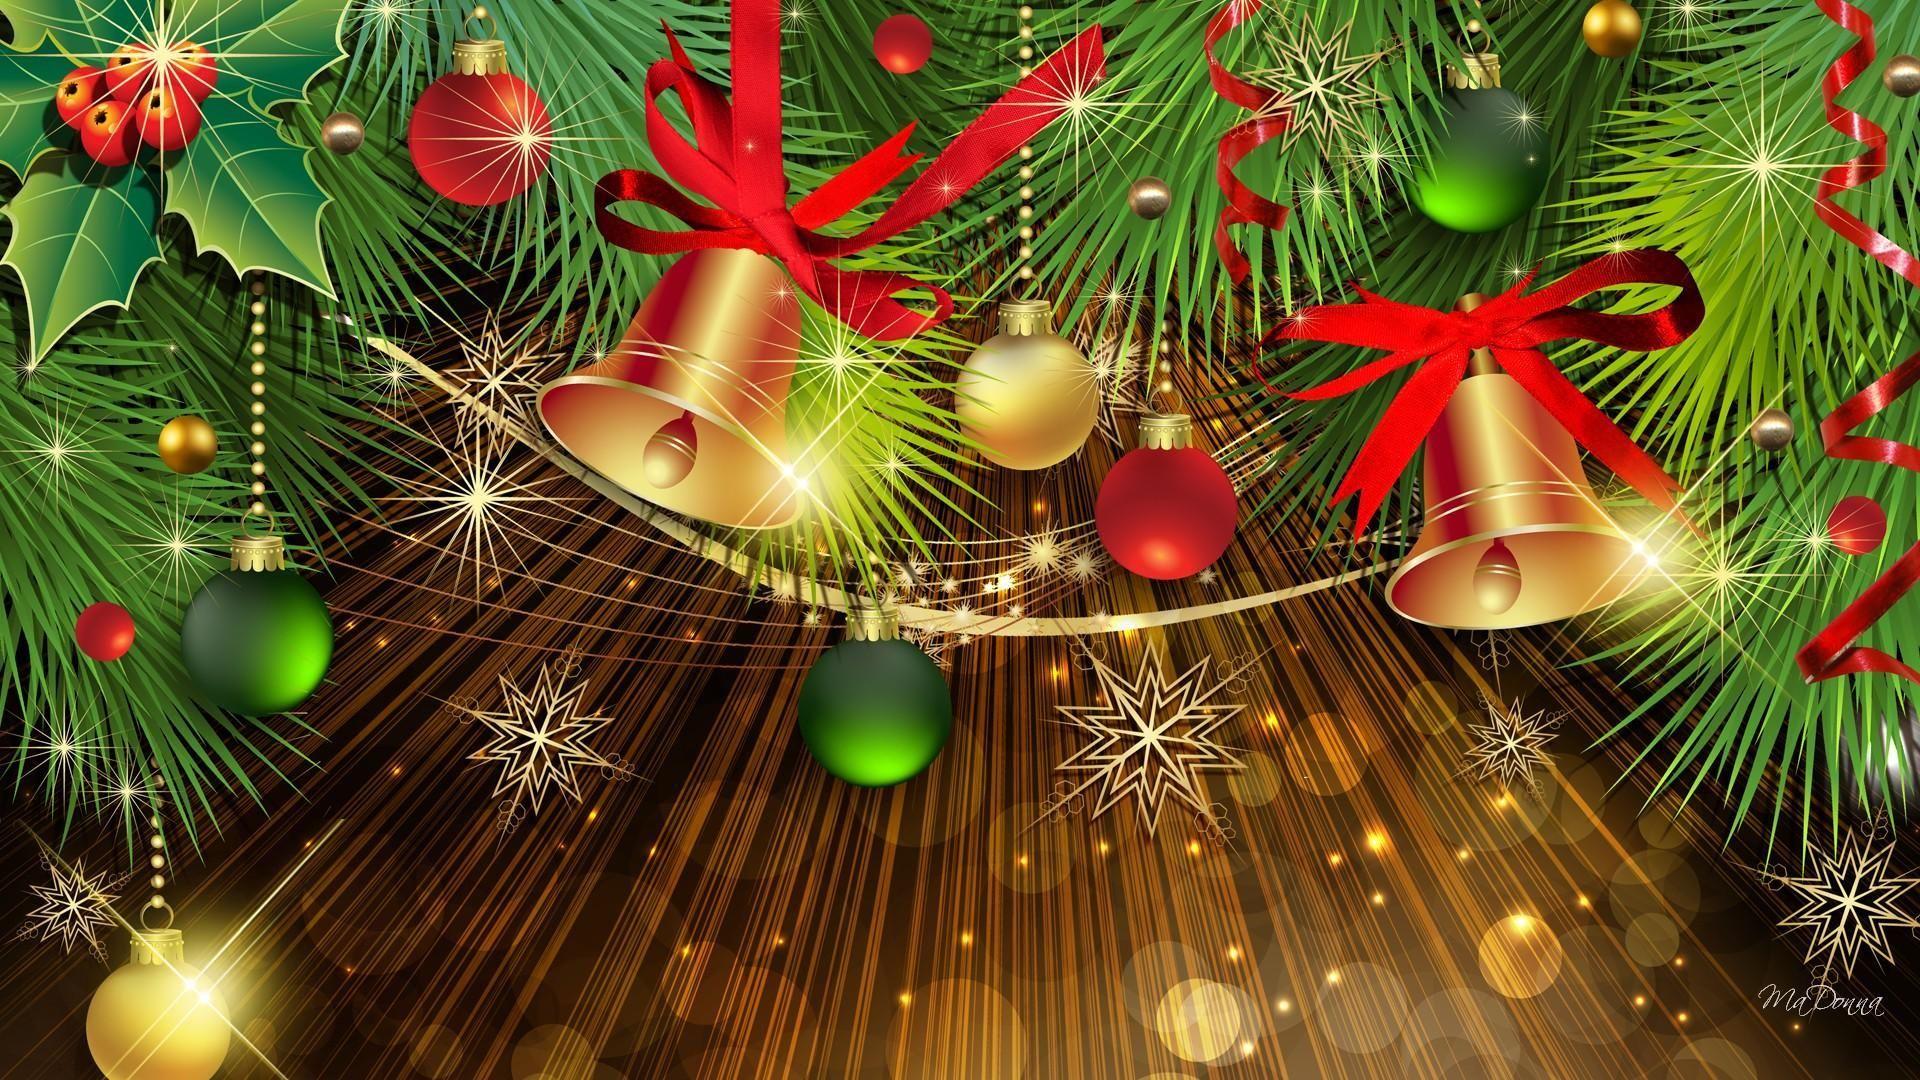 Christmas For Website best Wallpaper